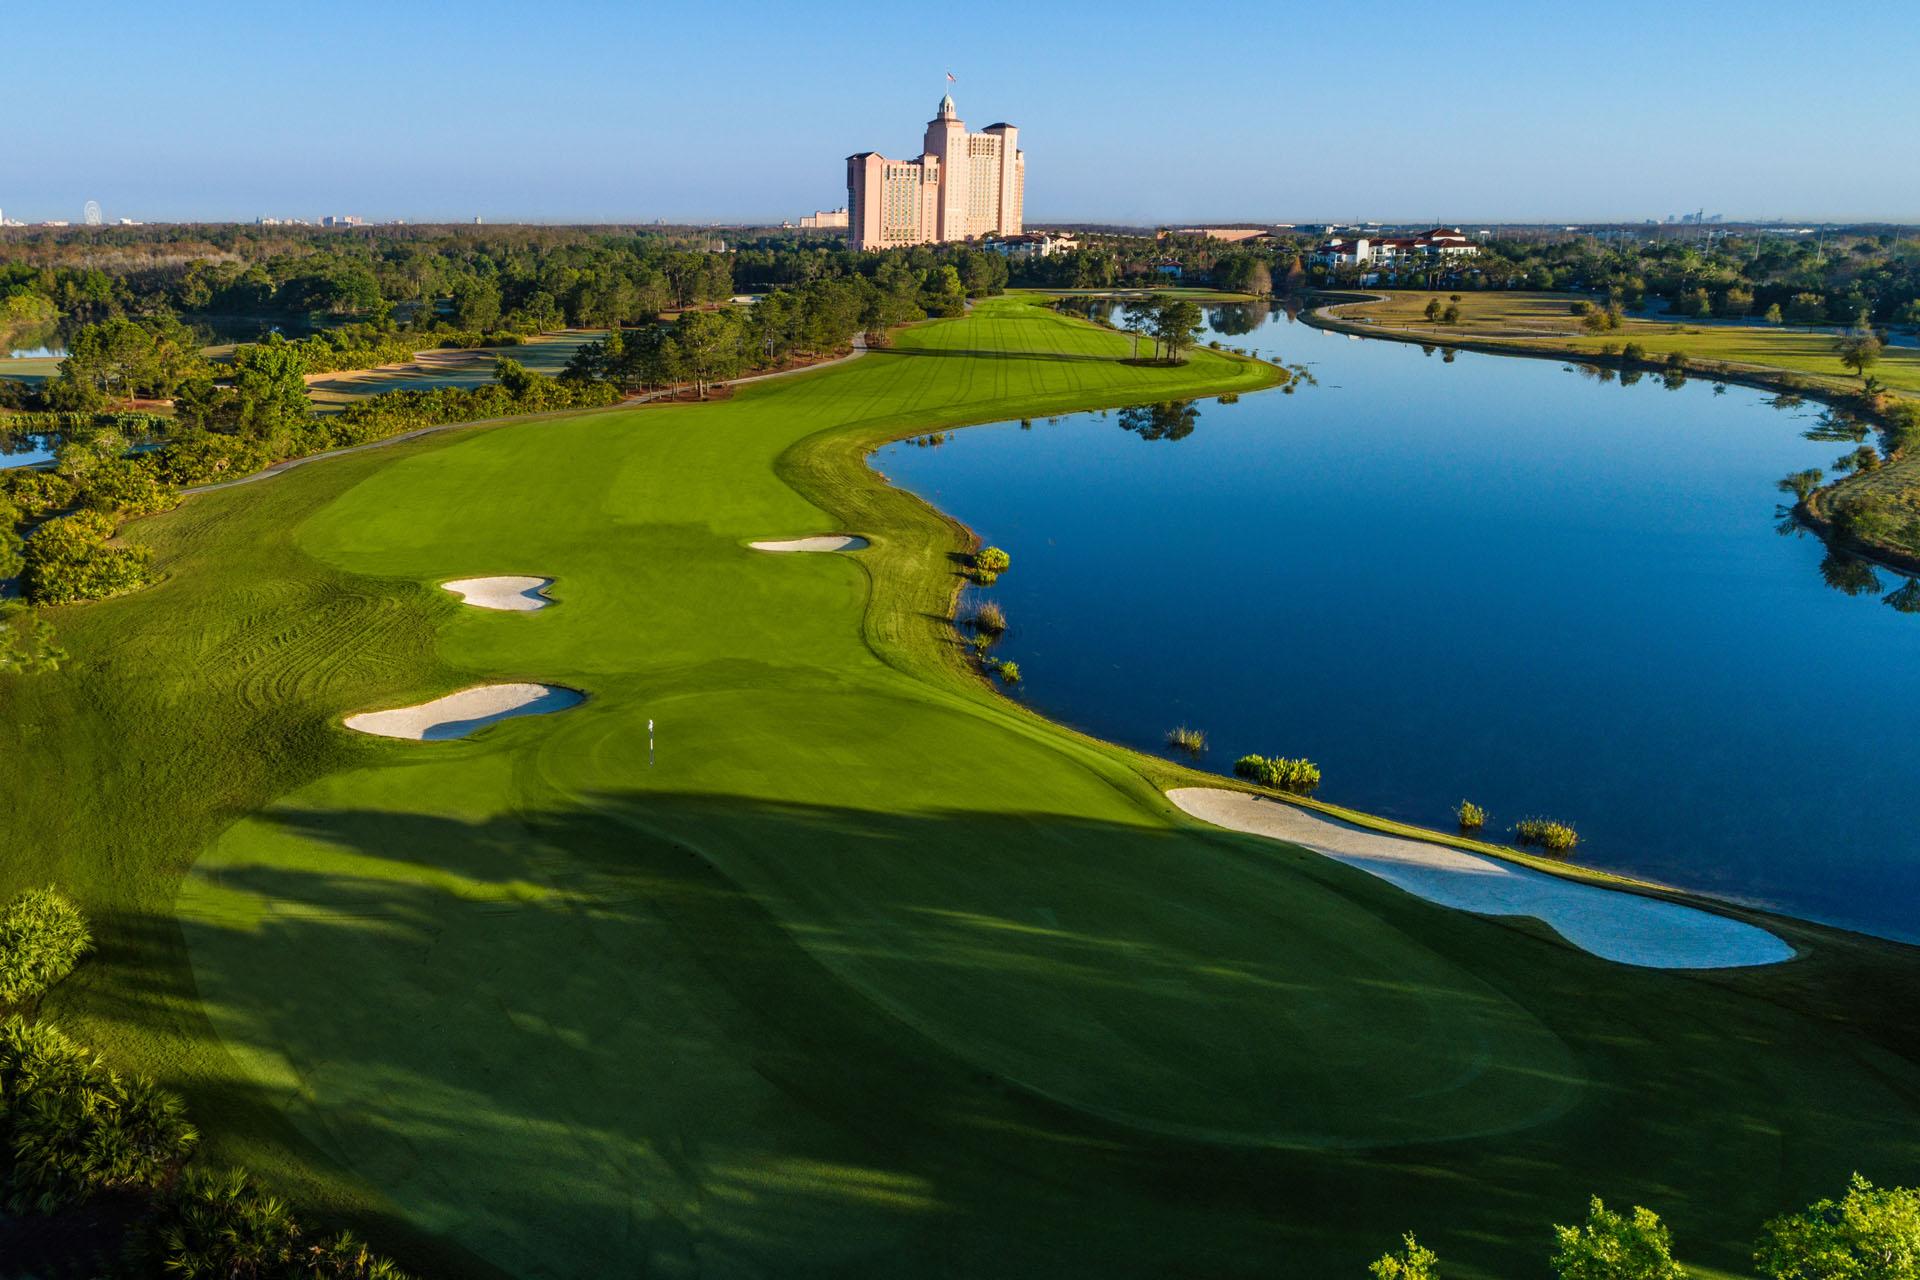 The Ritz-Carlton Golf Club - PKG